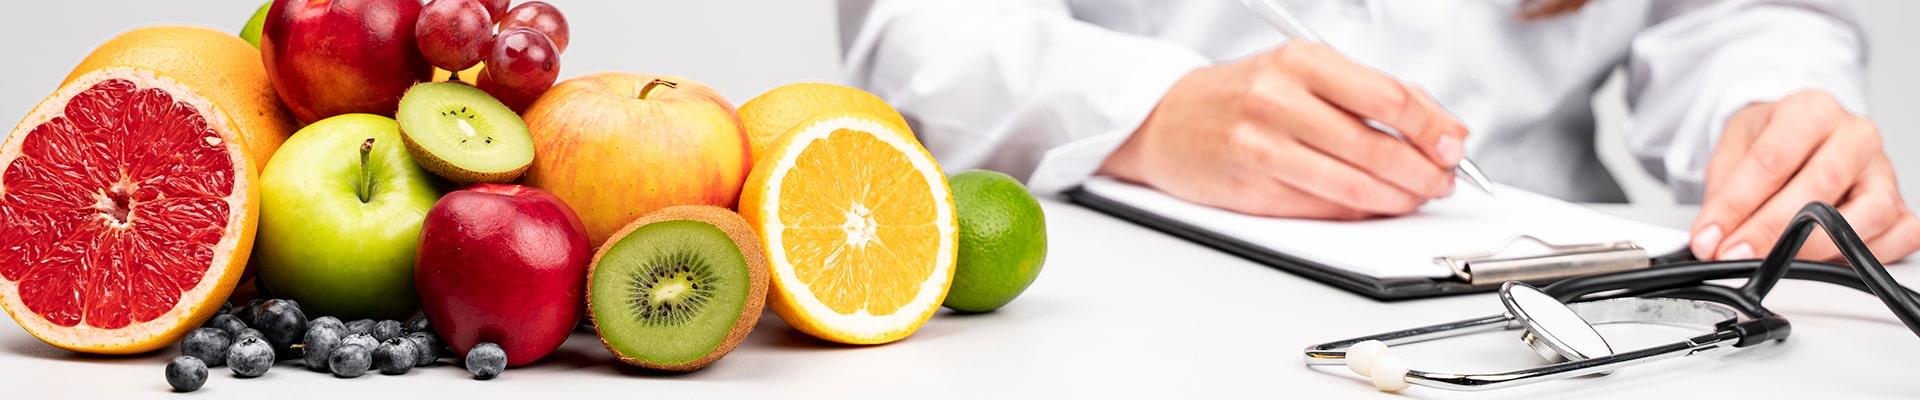 Curso de Como conquistar clientes entregando saúde e informação